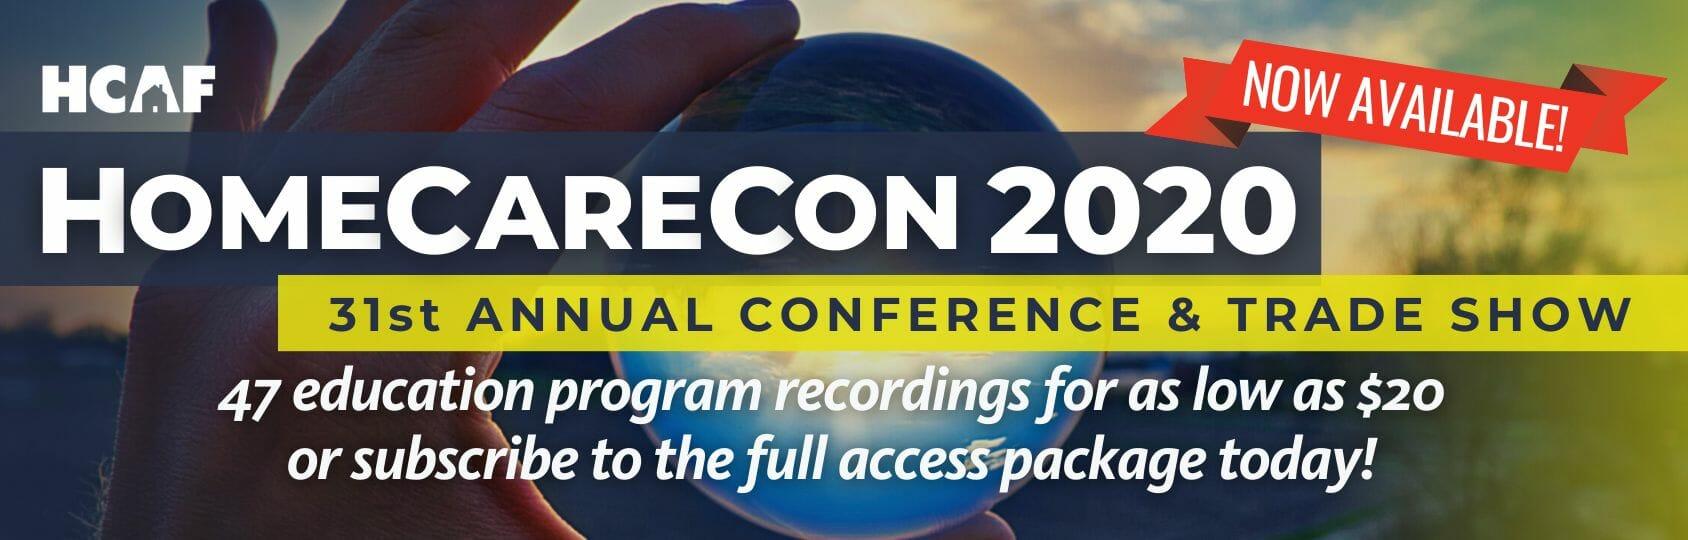 homecarecon2020